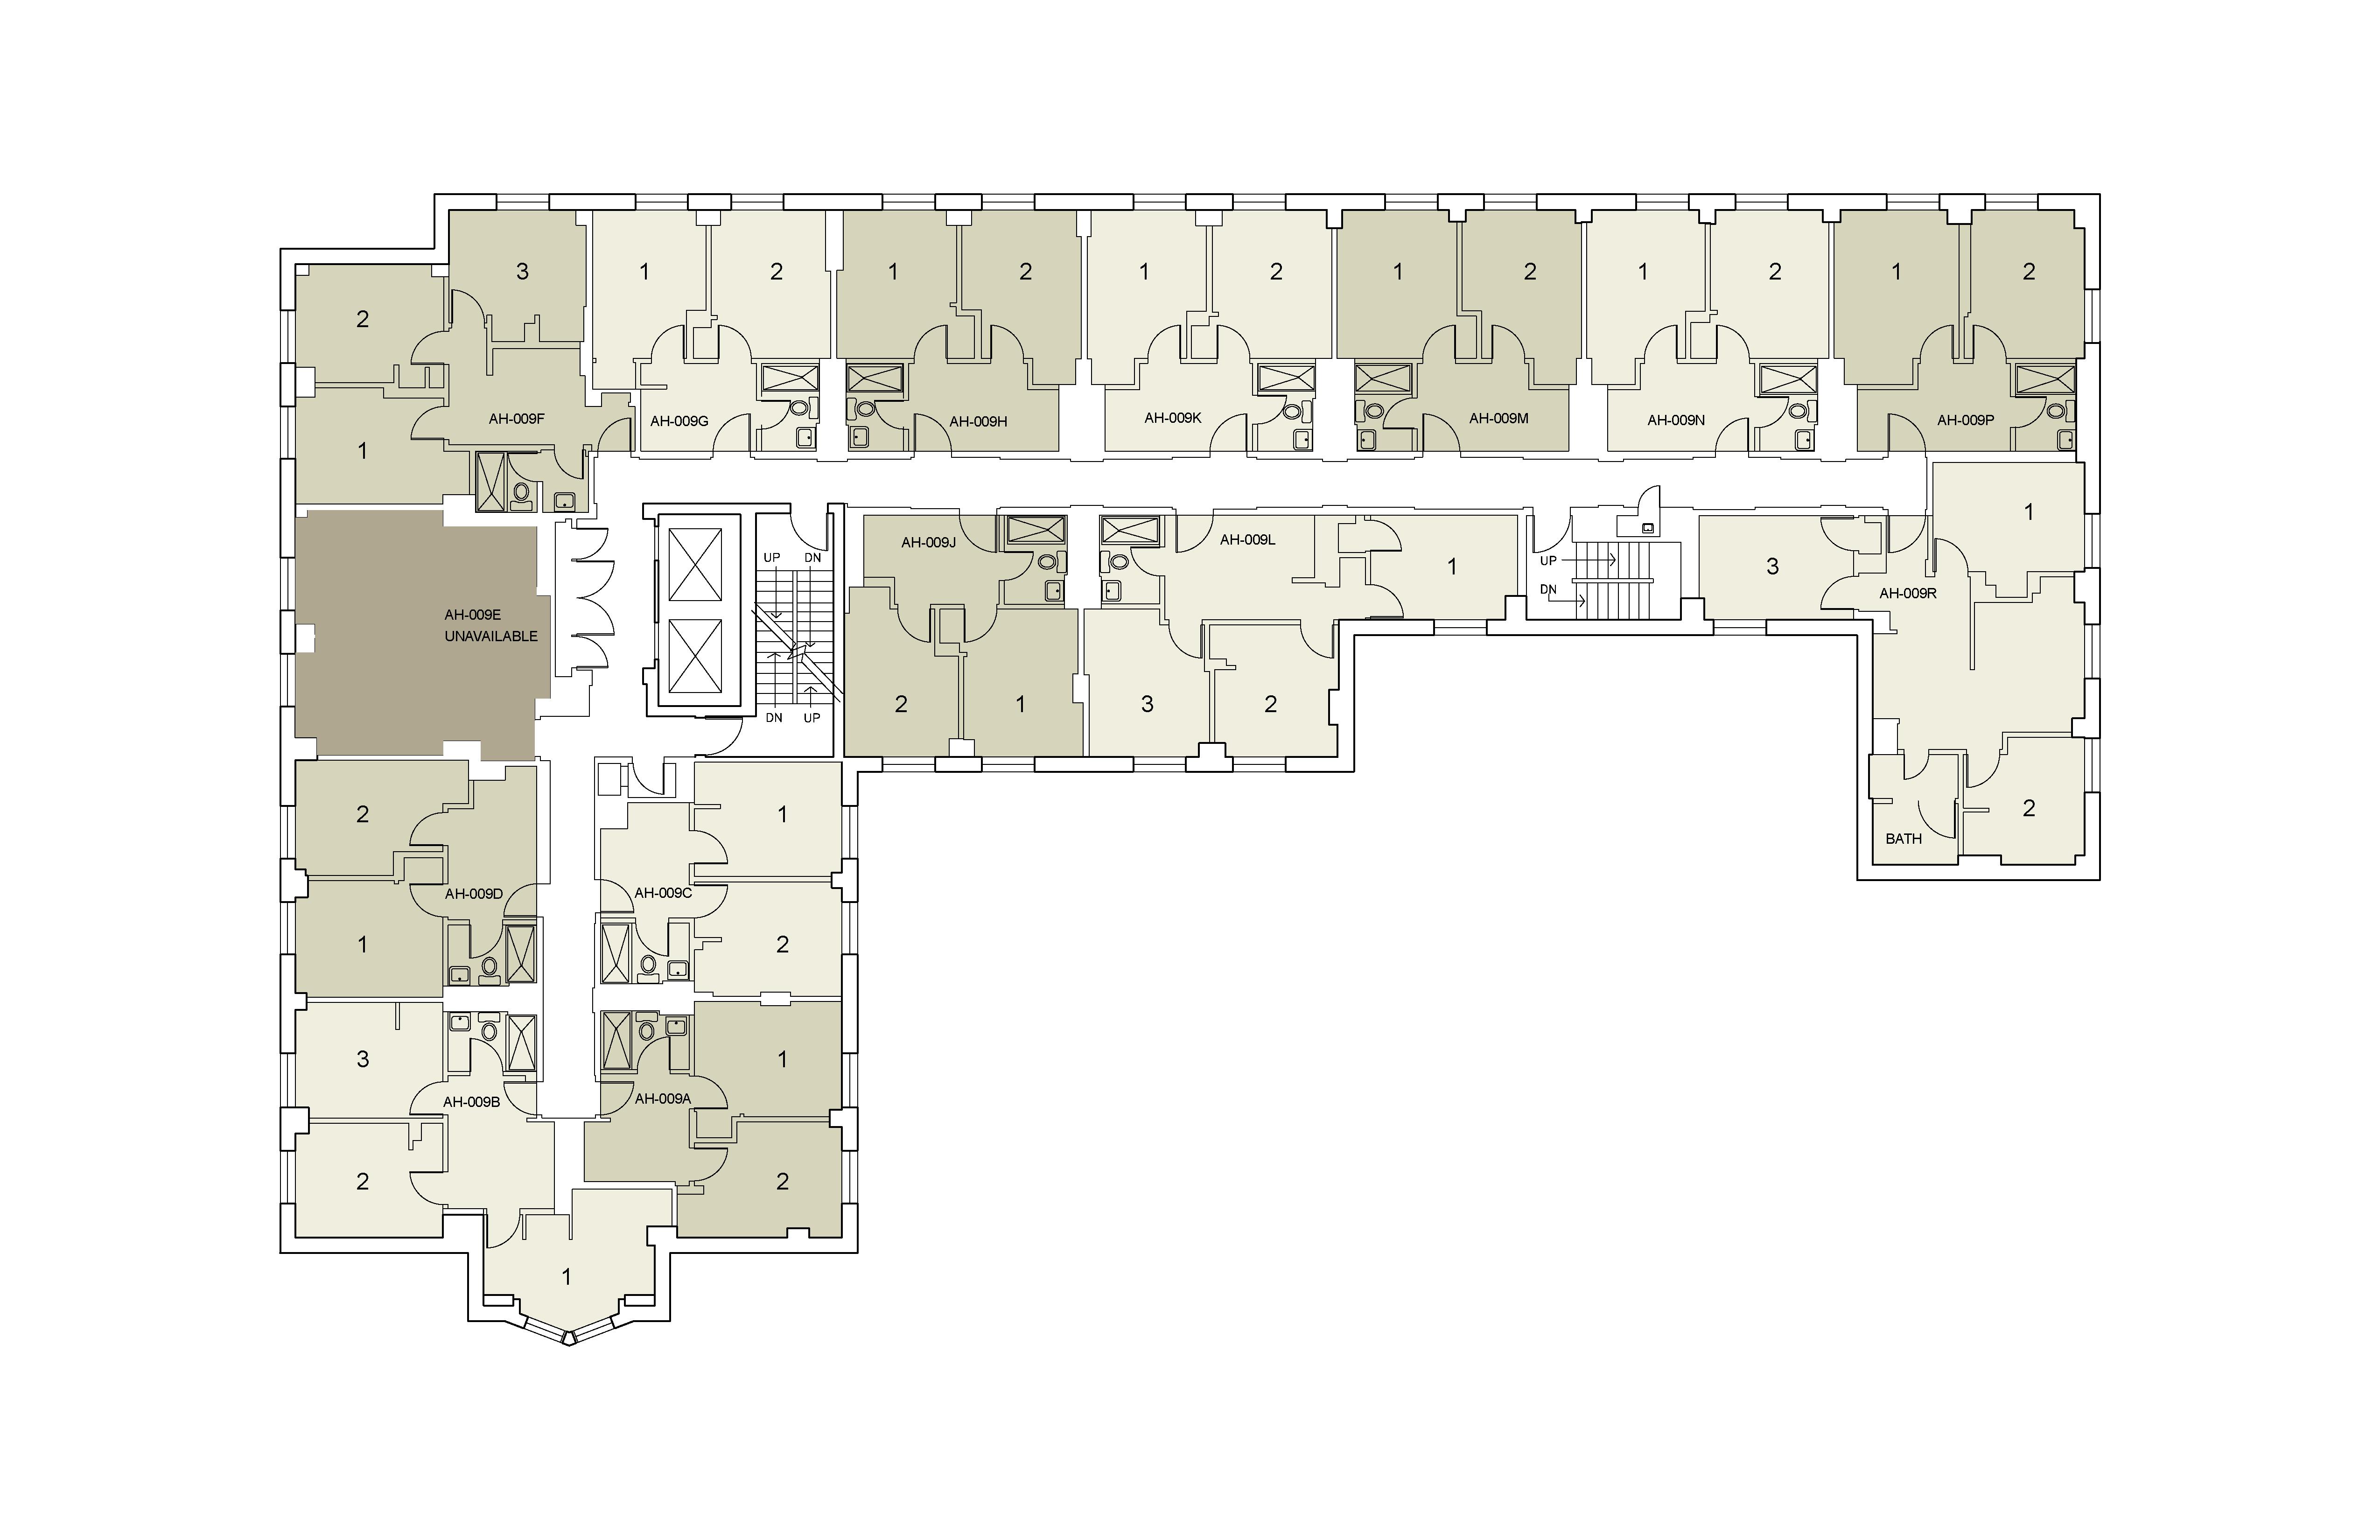 Floor plan for Alumni Floor 09